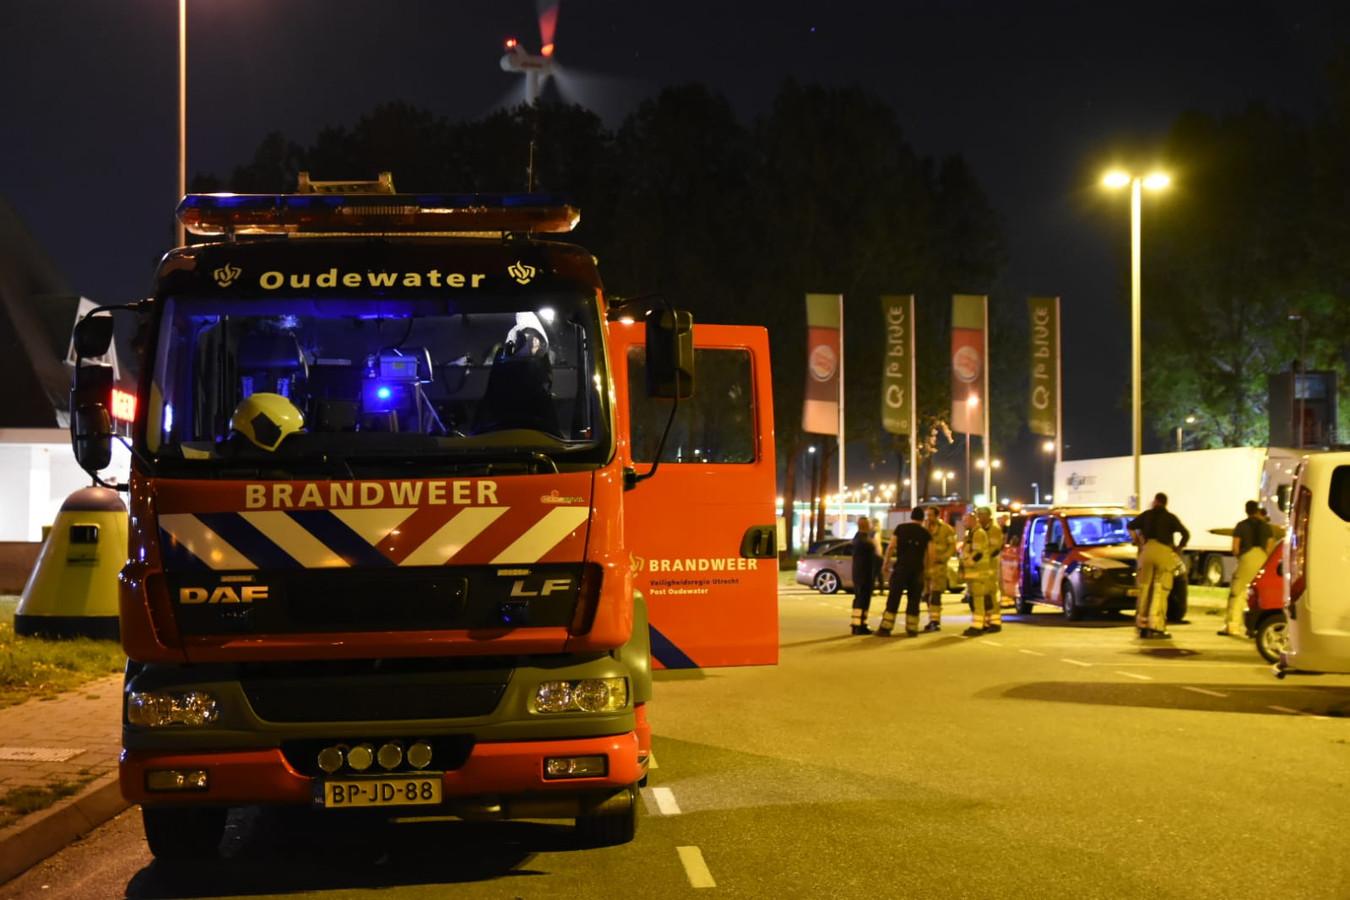 De brandweer van Oudewater heeft zich samen met andere korpsen verzameld bij een benzinestation langs de A27 bij Nieuwegein.